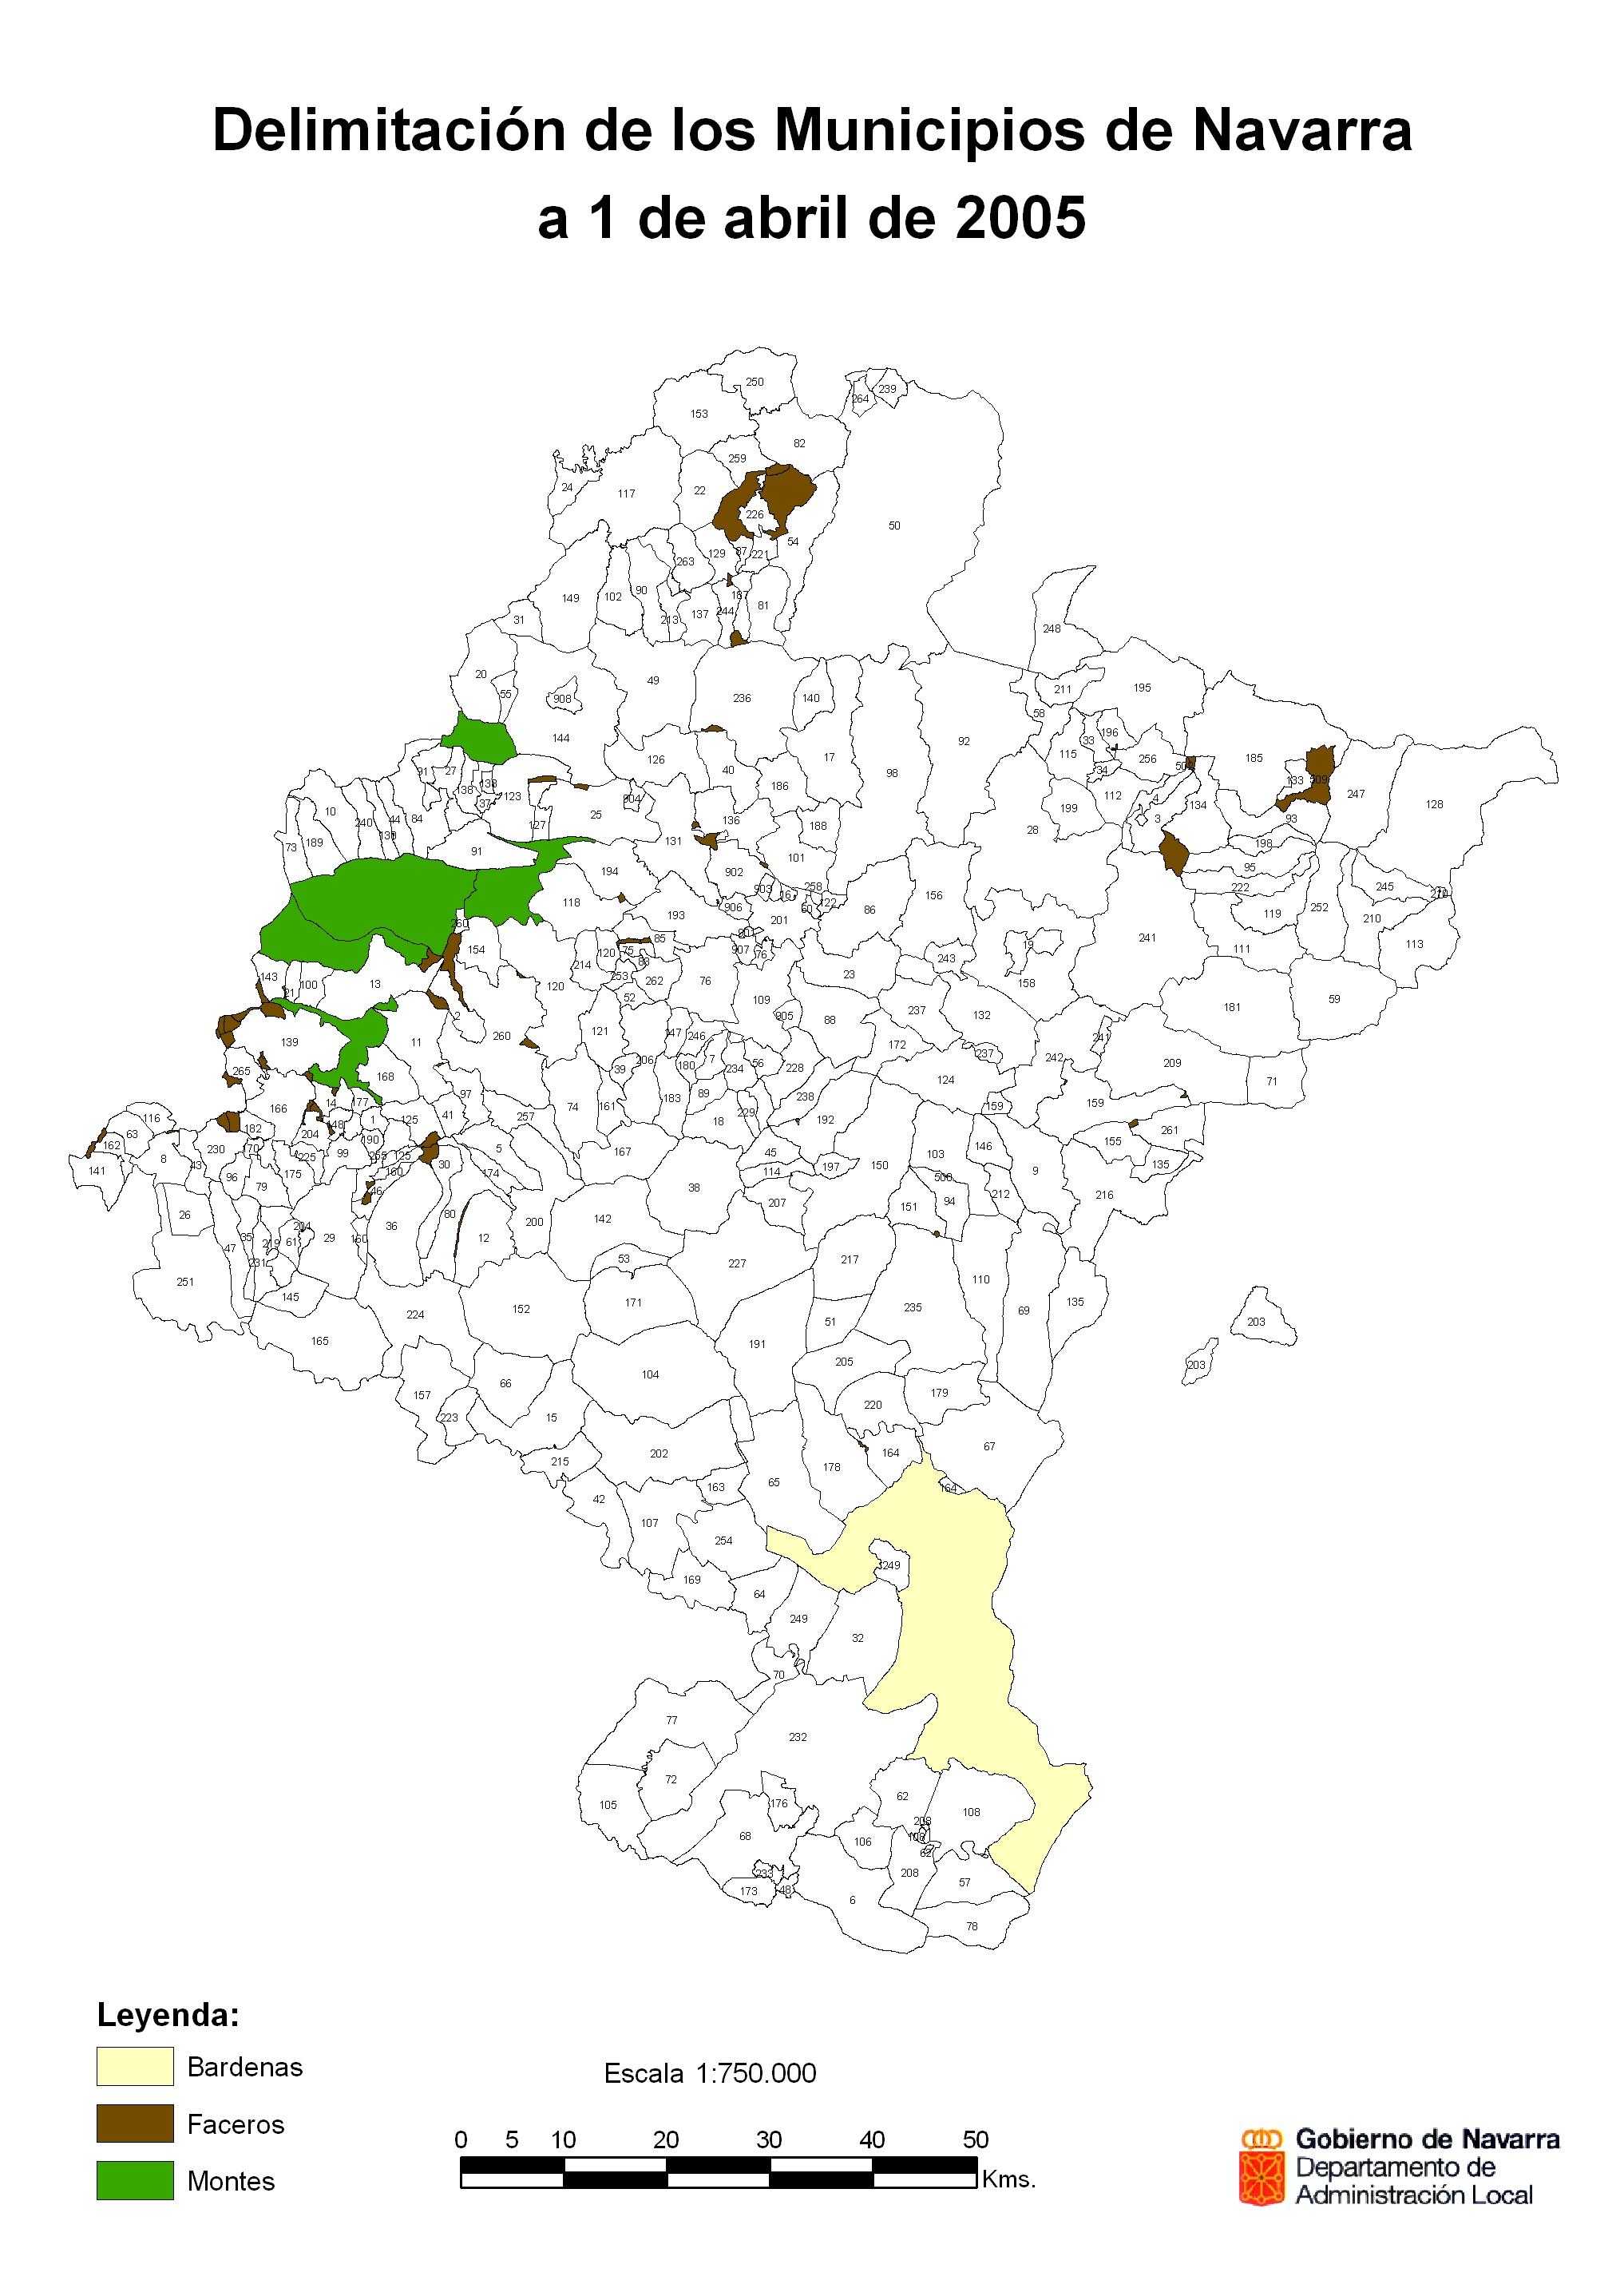 Navarre Municipalities codes 2005